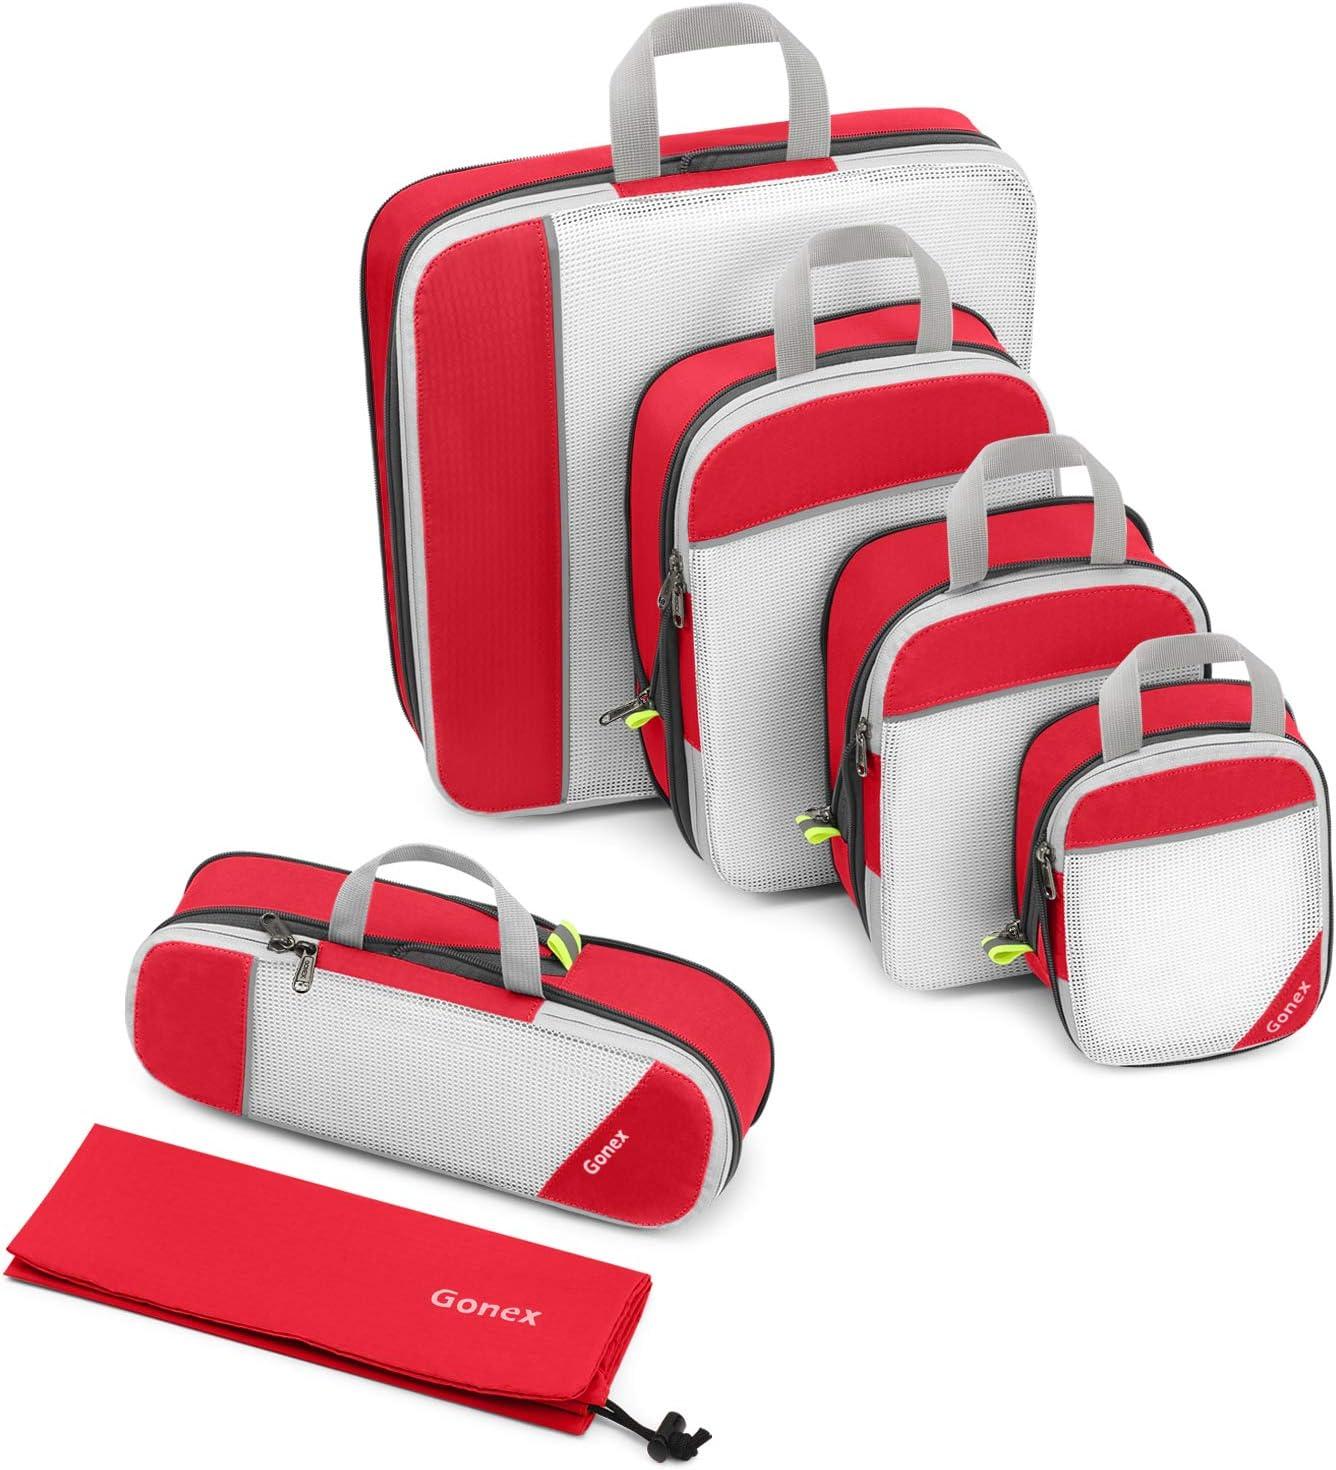 Gonex Organizador para Maletas Viaje Equipaje 6 en 1 Set, Bolsas de Embalaje Almacenaje para Organizar Ropa Zapatos Cosméticos Cubos Ultraligeros Resistentes Multiusos Rip-Stop de Nylon, Rojo